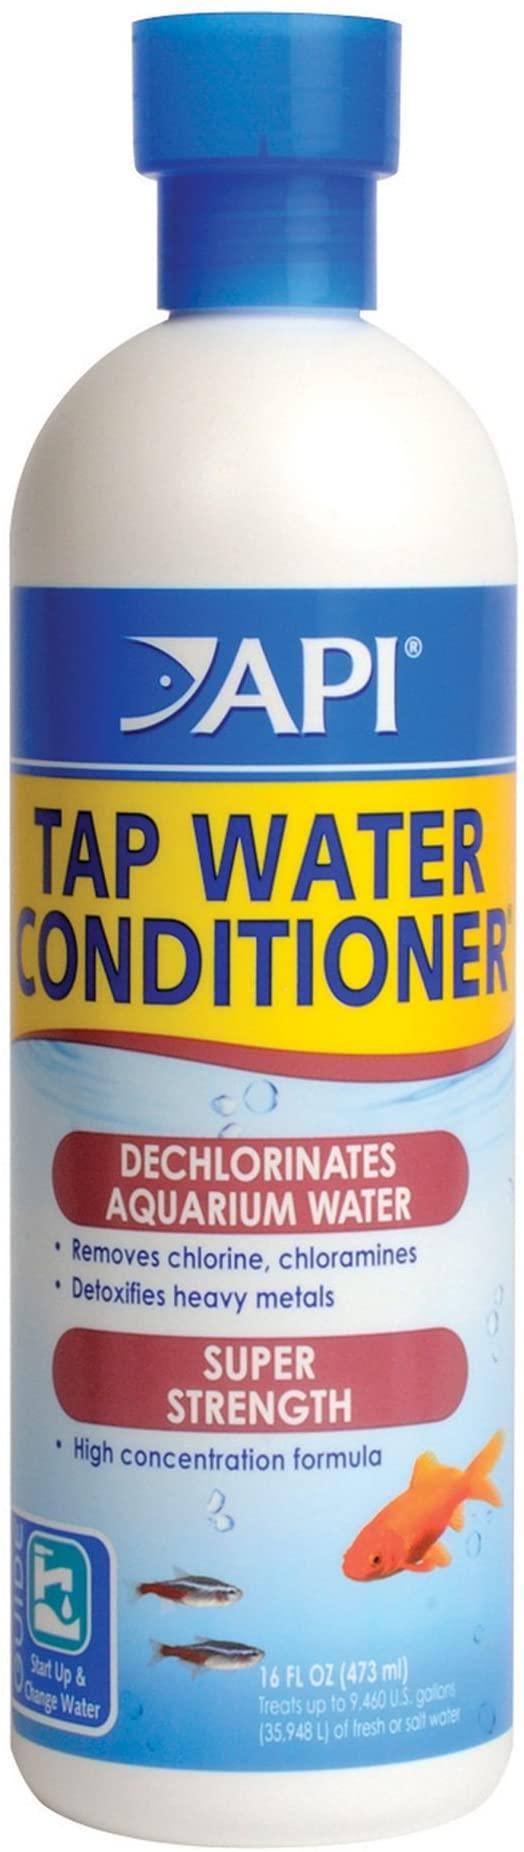 API 52C product image 3